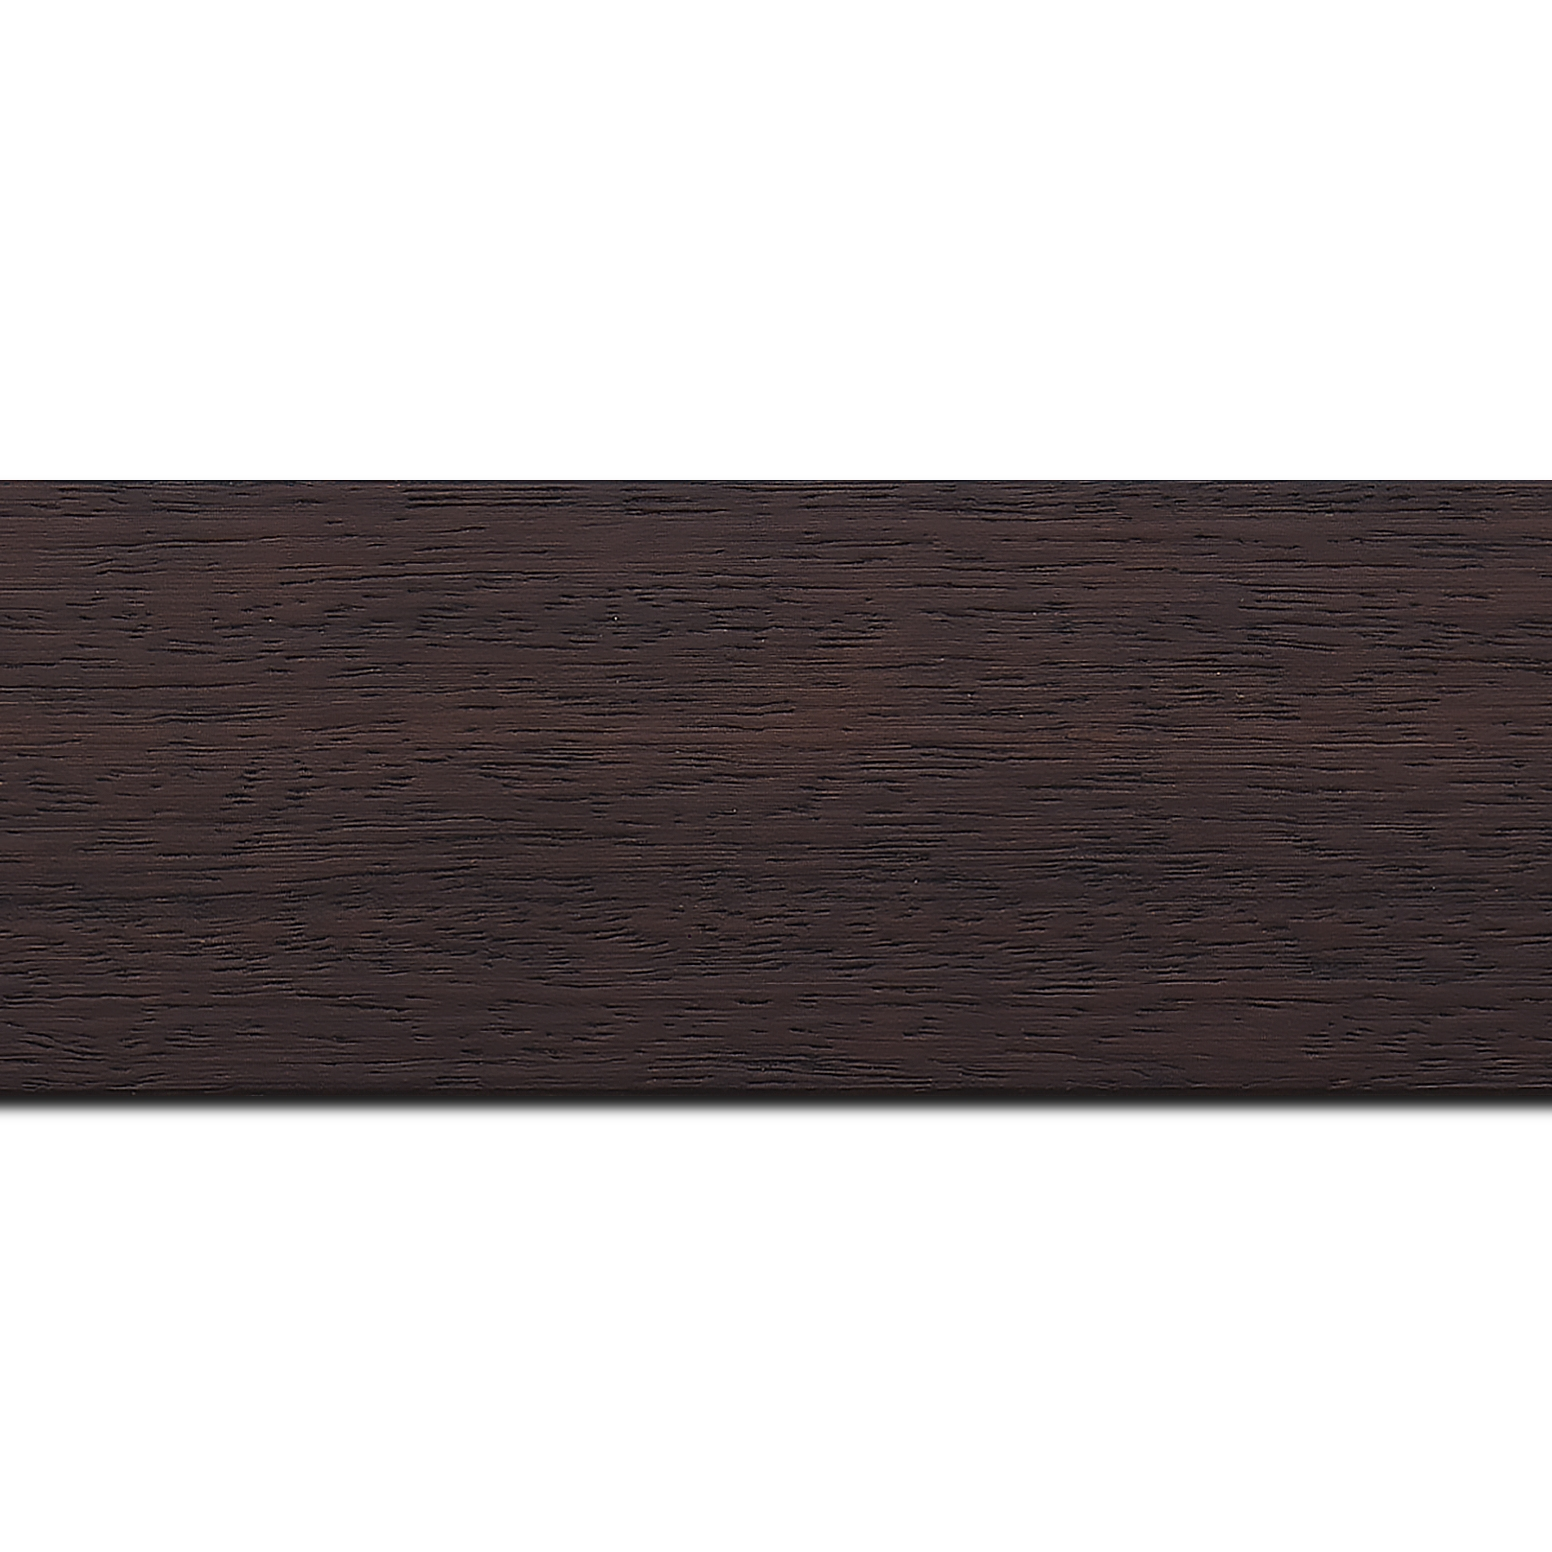 Pack par 12m, bois profil plat largeur 5.9cm couleur marron foncé satiné (longueur baguette pouvant varier entre 2.40m et 3m selon arrivage des bois)